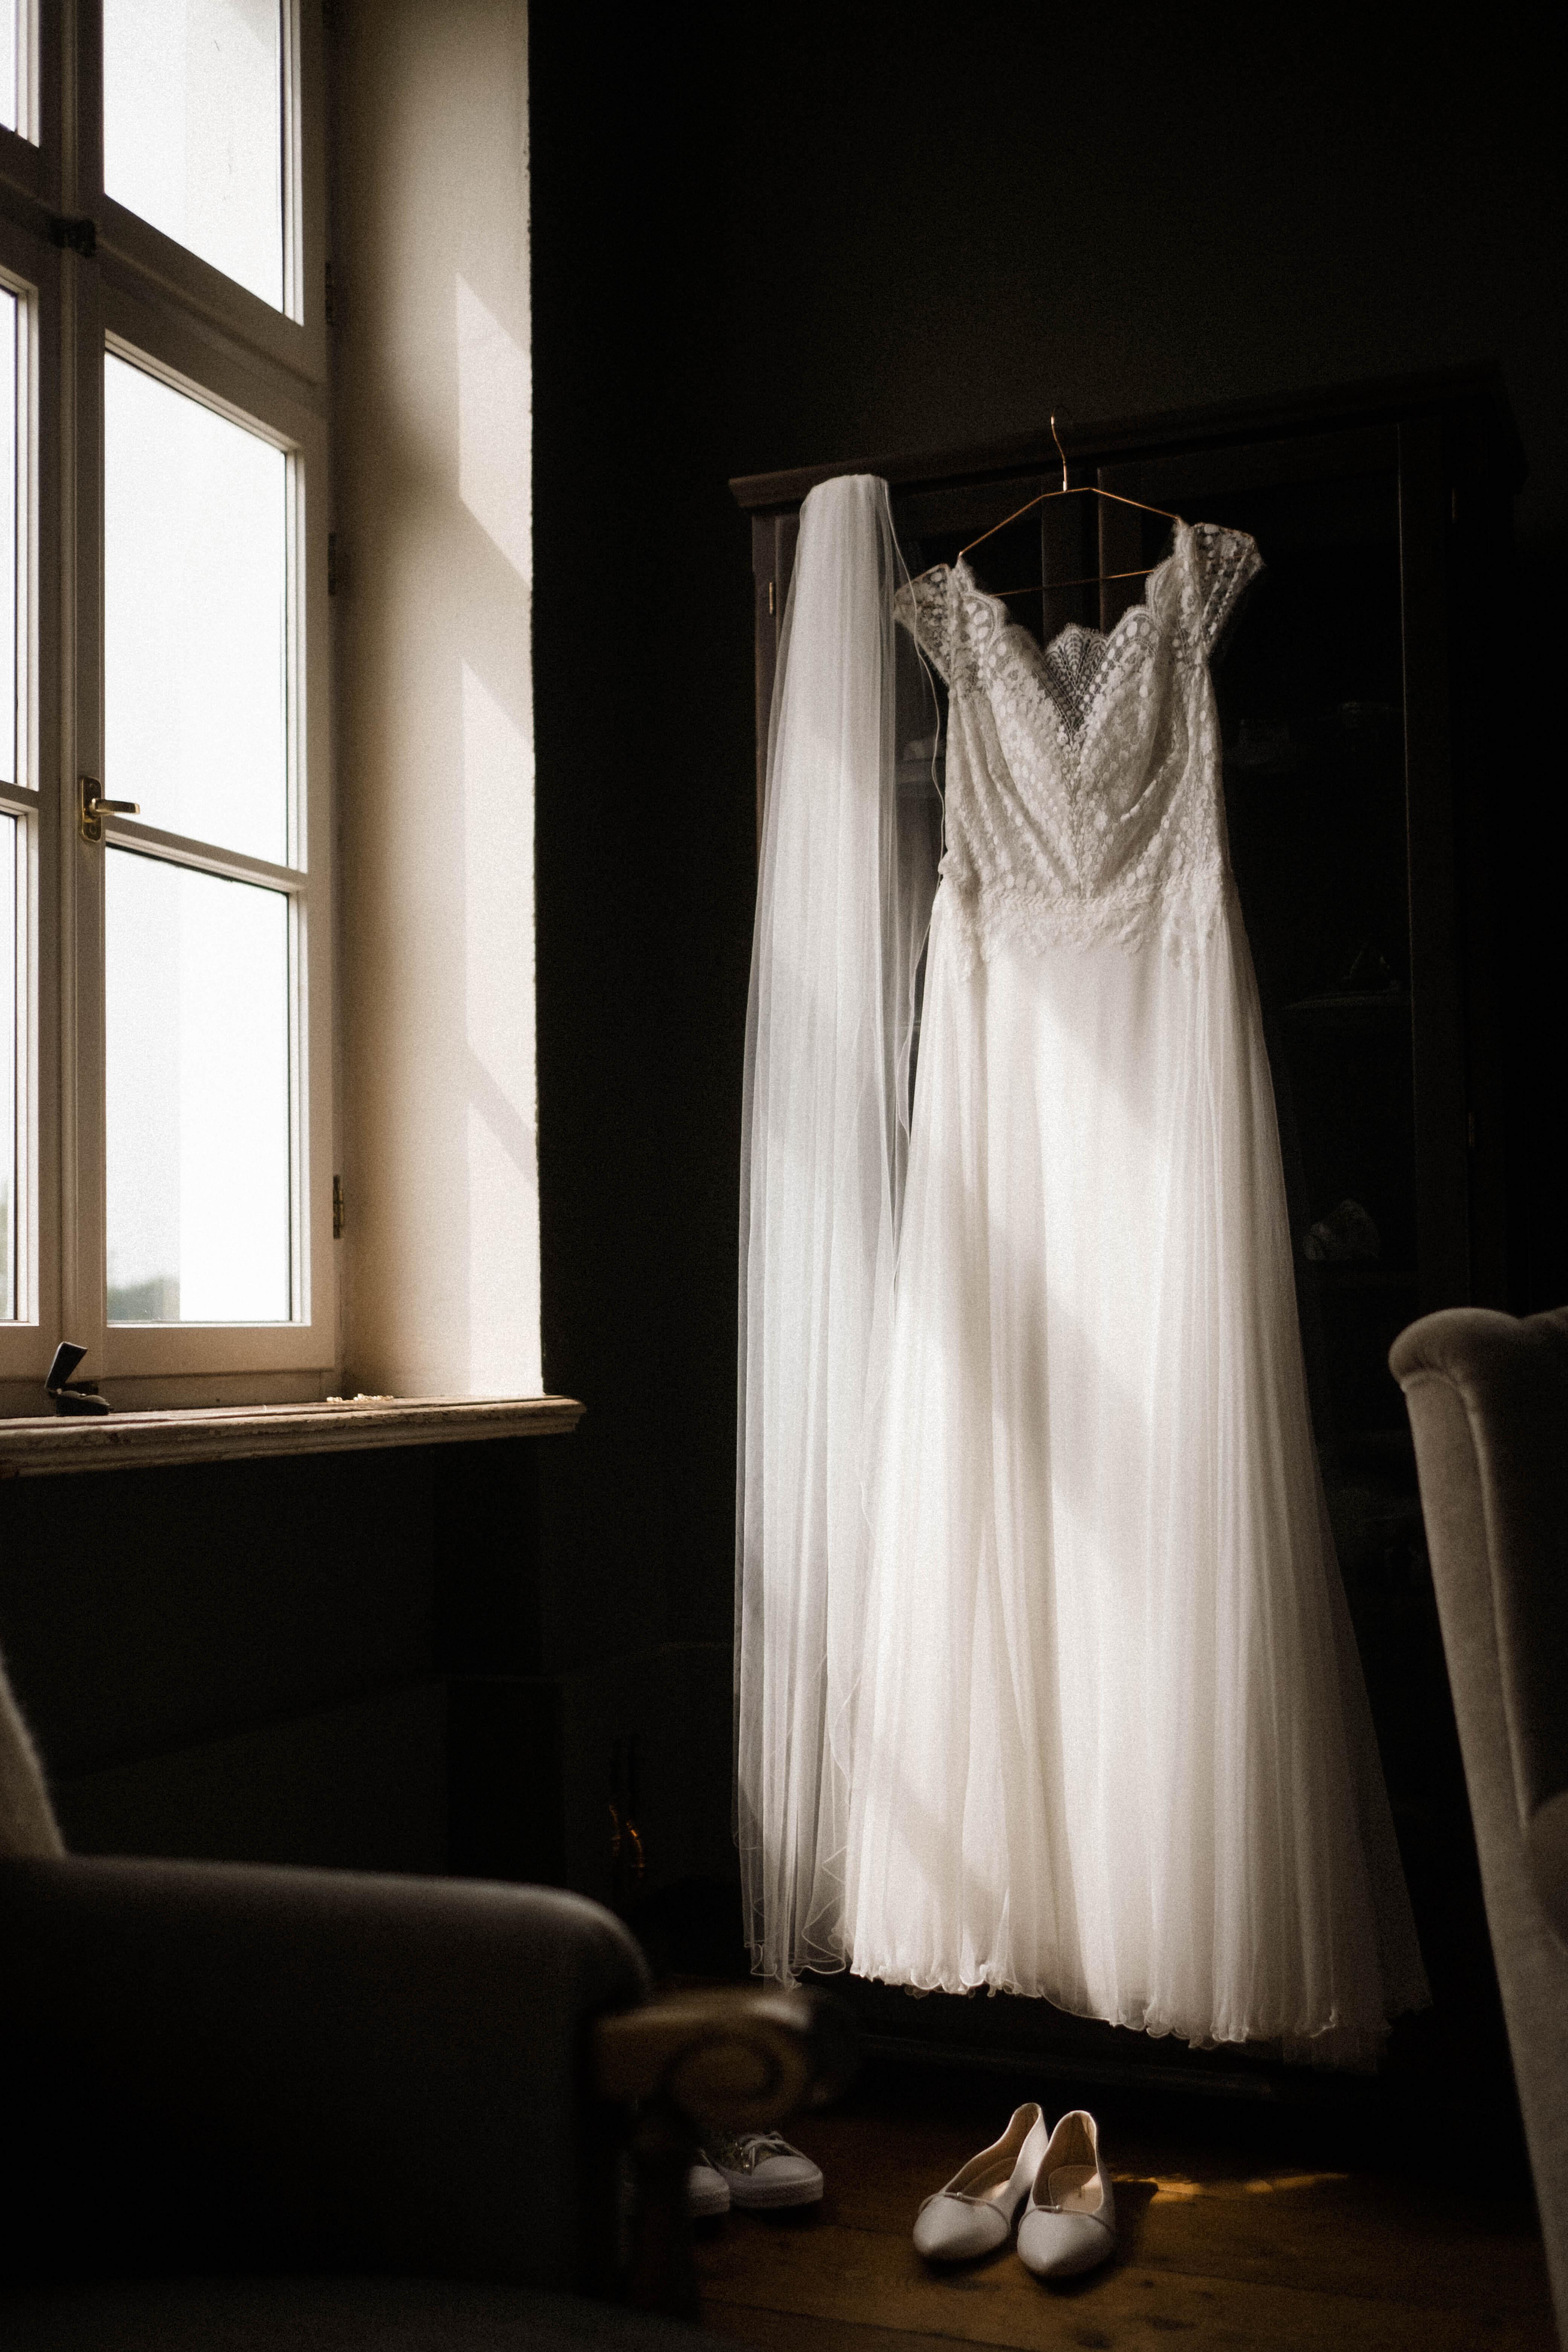 das Brautkleid höngt an einem Kleiderbügel am Fenster in der Villa, der Schleier hängt daneben, die Brautschuhe stehen davor auf dem Boden, die Sonne scheint in das Fenster